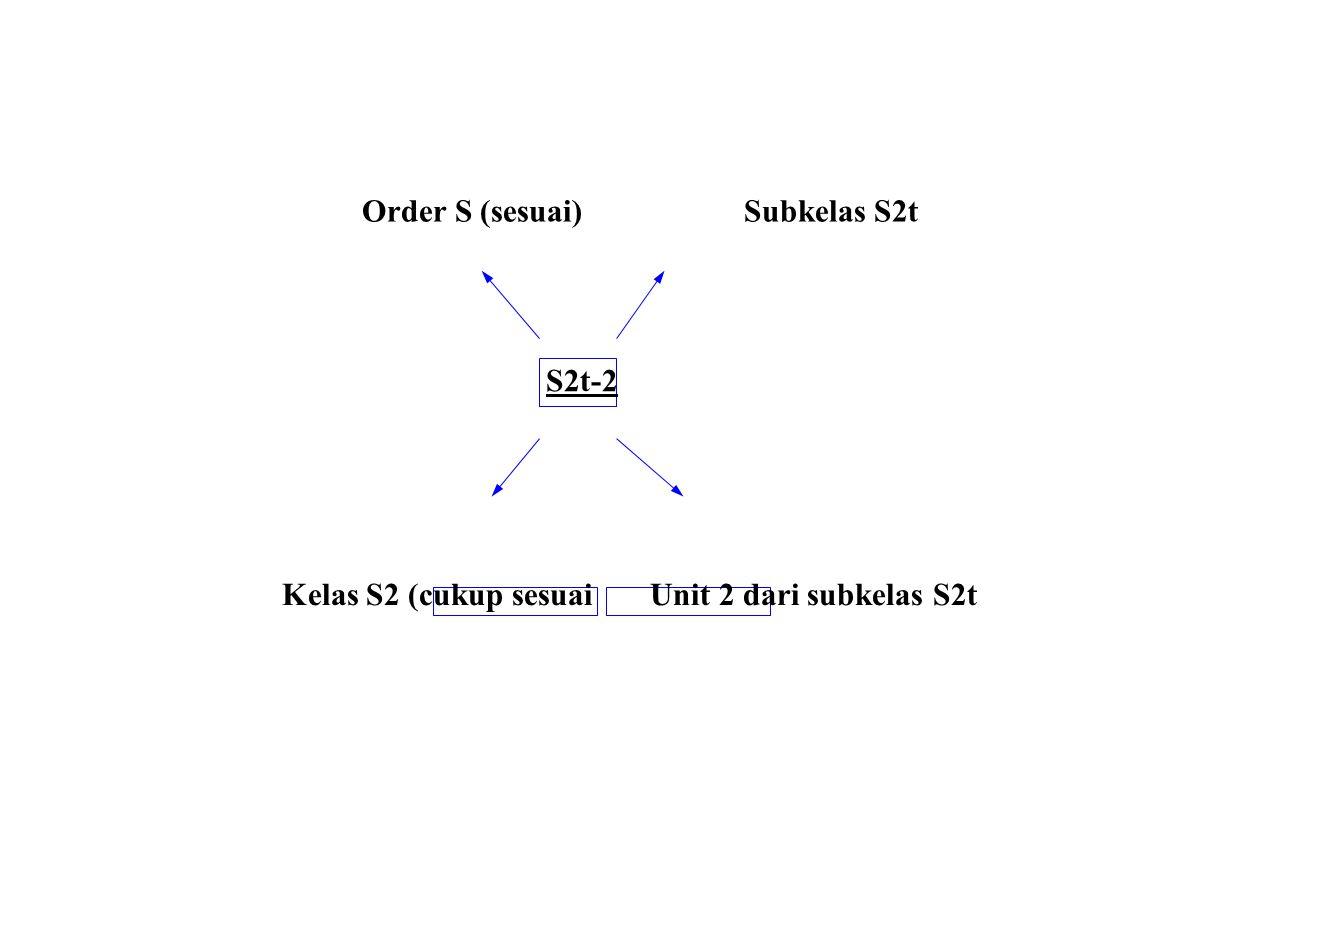 Order S (sesuai) Subkelas S2t S2t-2 Kelas S2 (cukup sesuai Unit 2 dari subkelas S2t